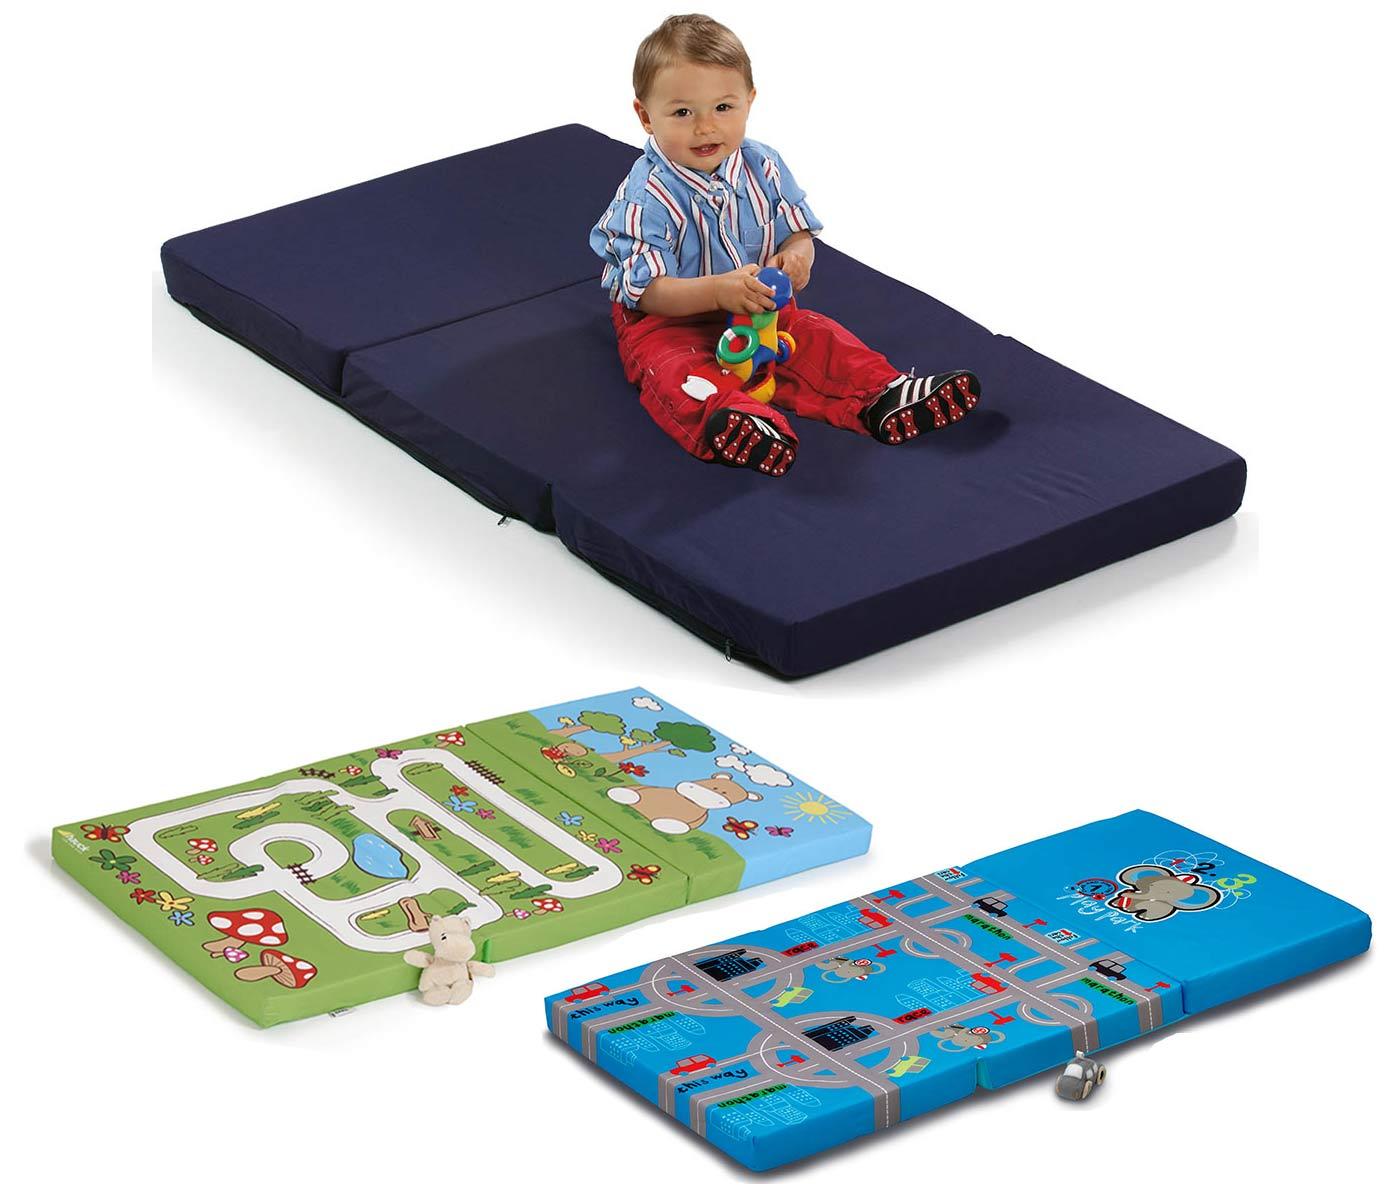 Hauck sleeper cot mattress play mat baby toddler child for Colchones de futon